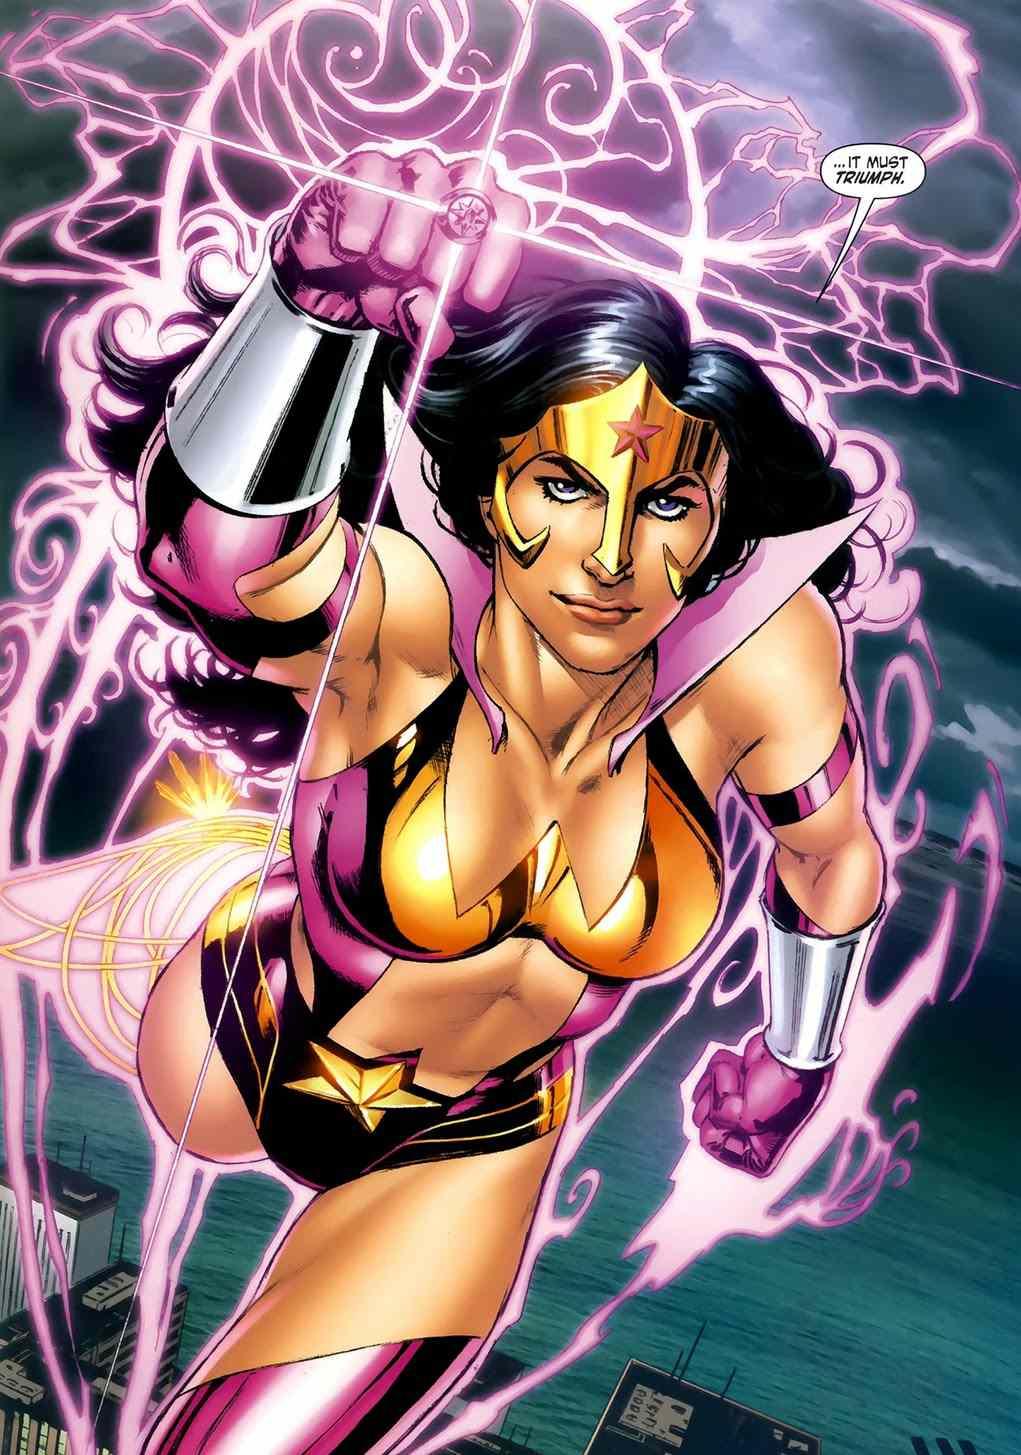 Star Sapphire Wonder Woman by Nicola Scott